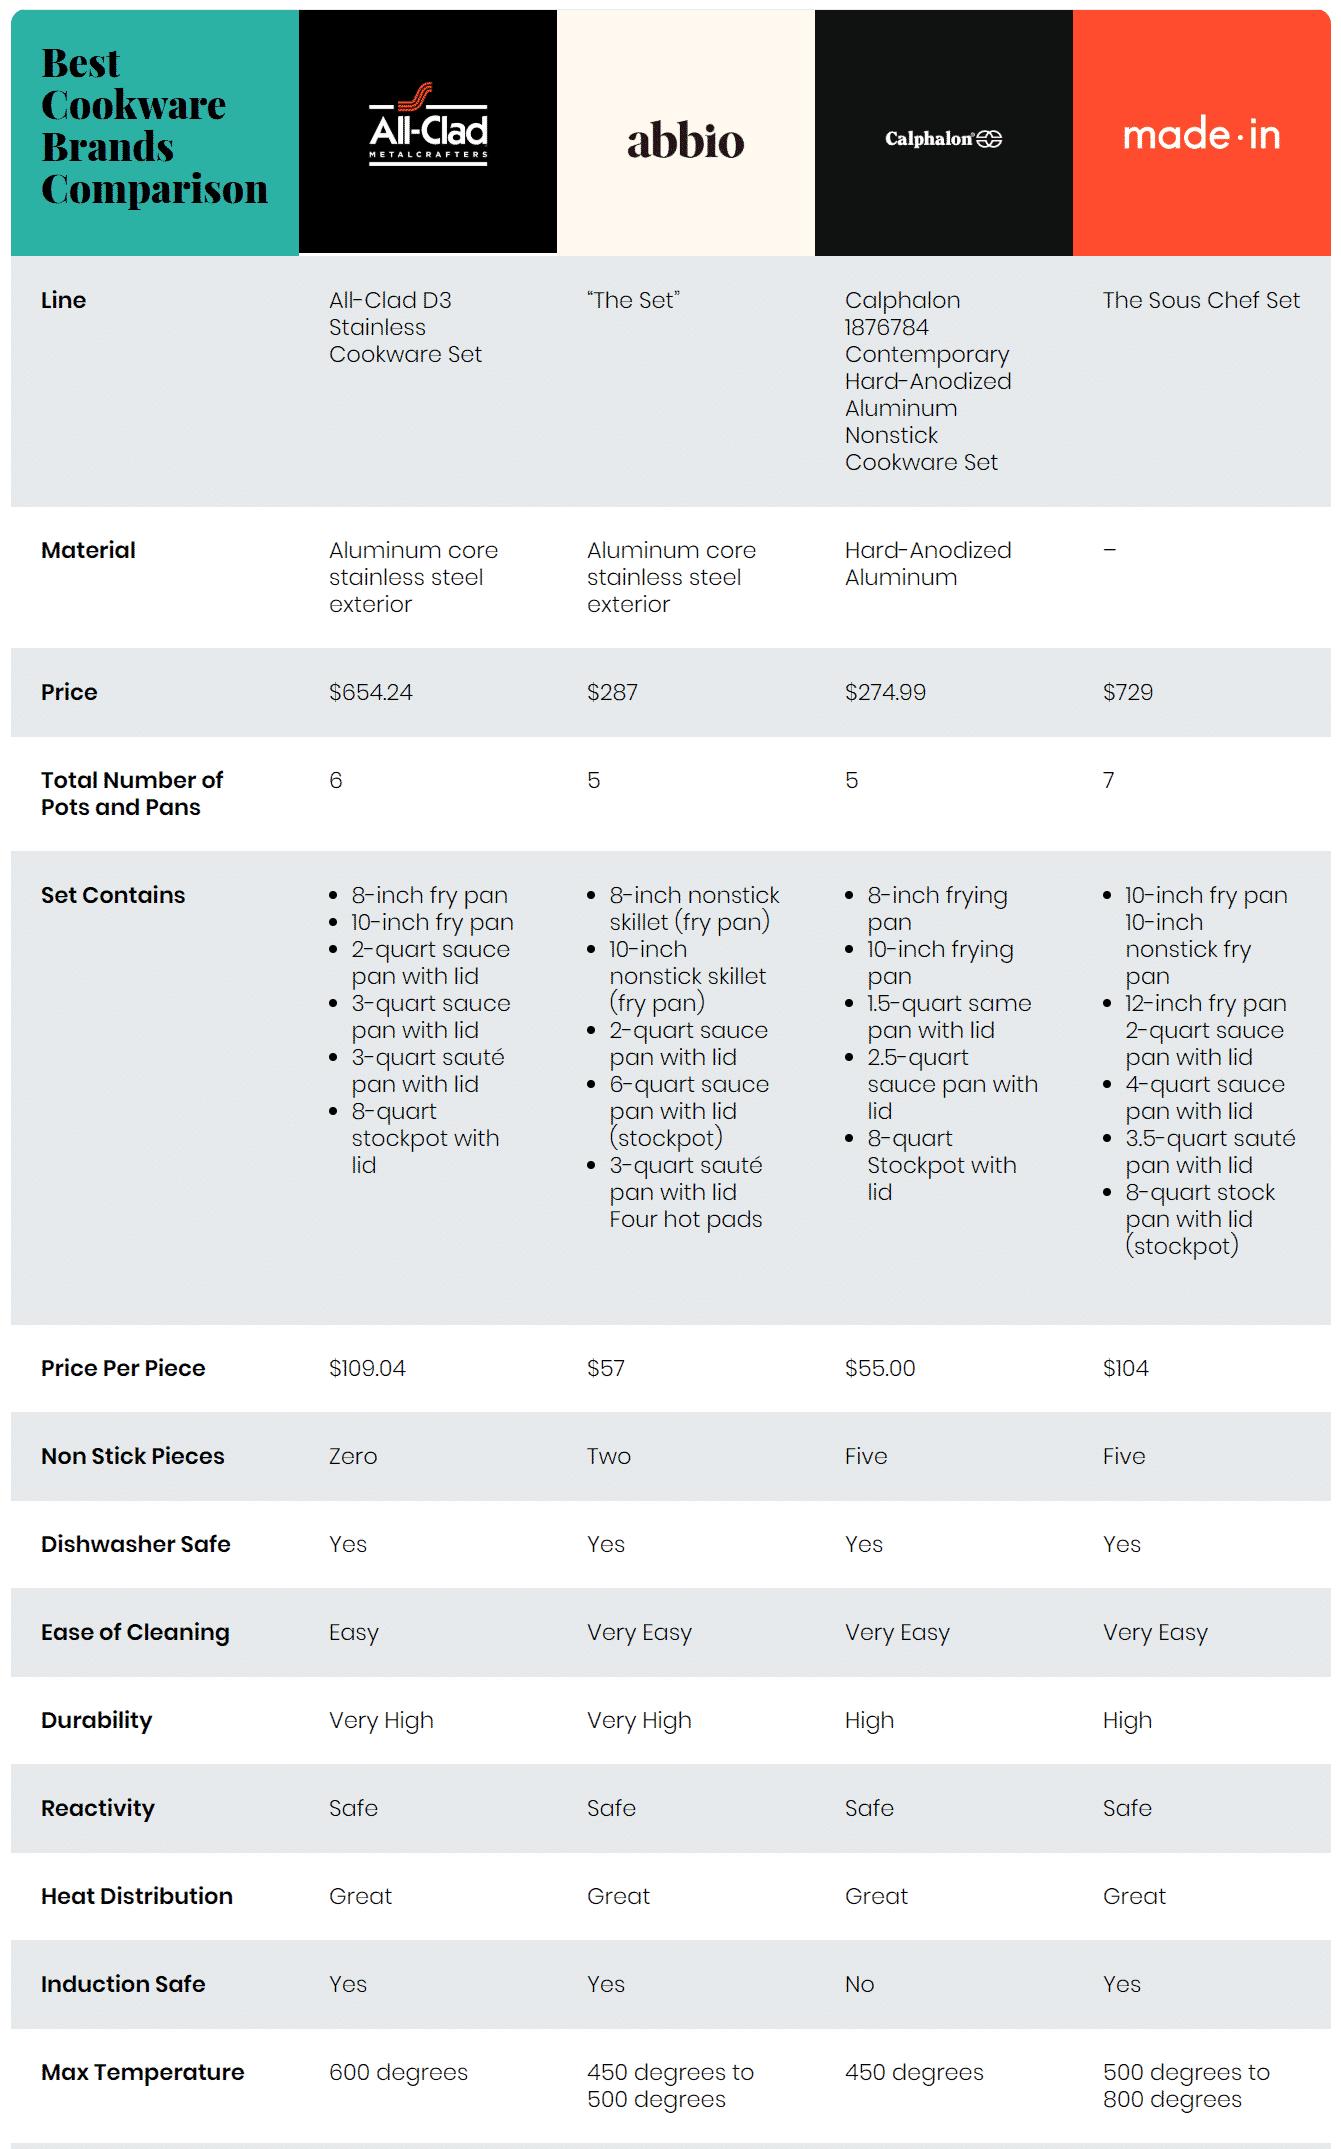 Abbio vs All-Clad vs Made In vs Calphalon